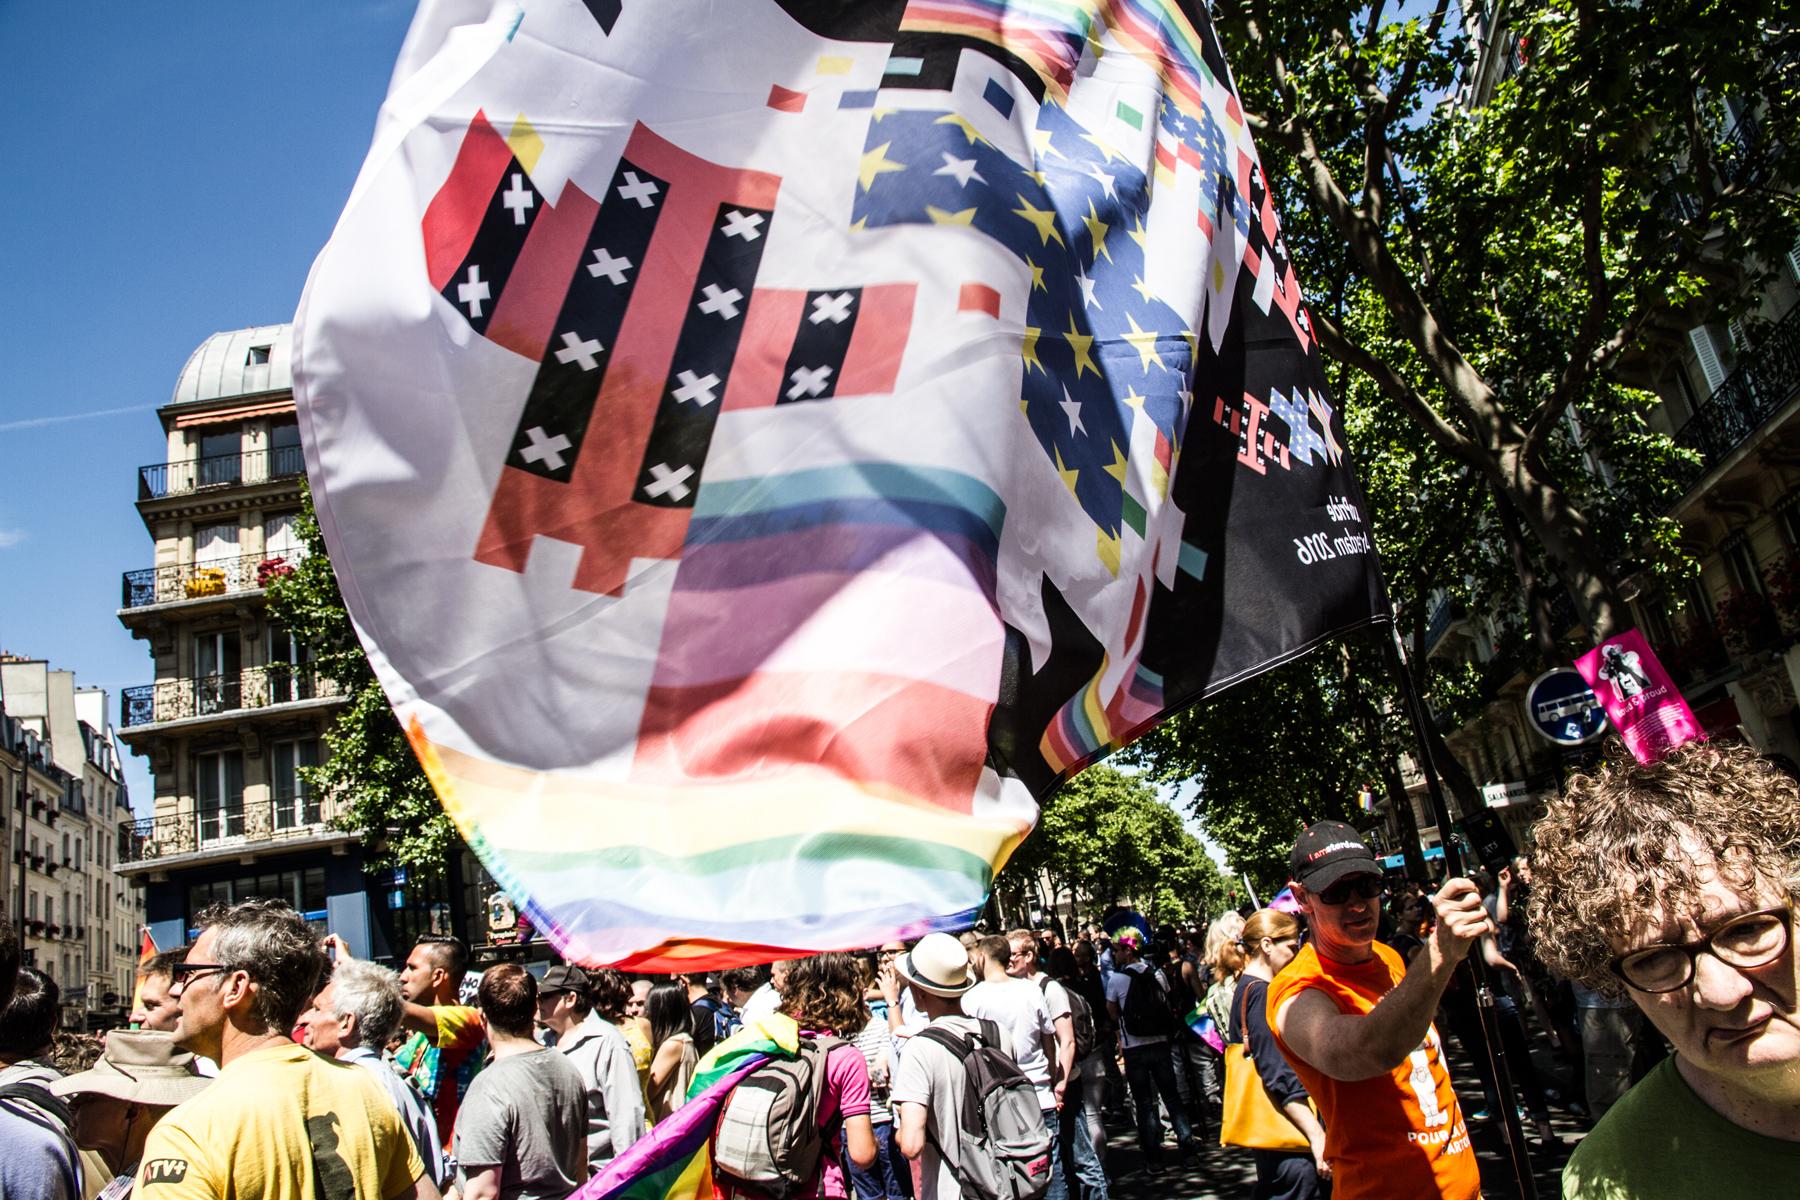 Flag across the rainbow